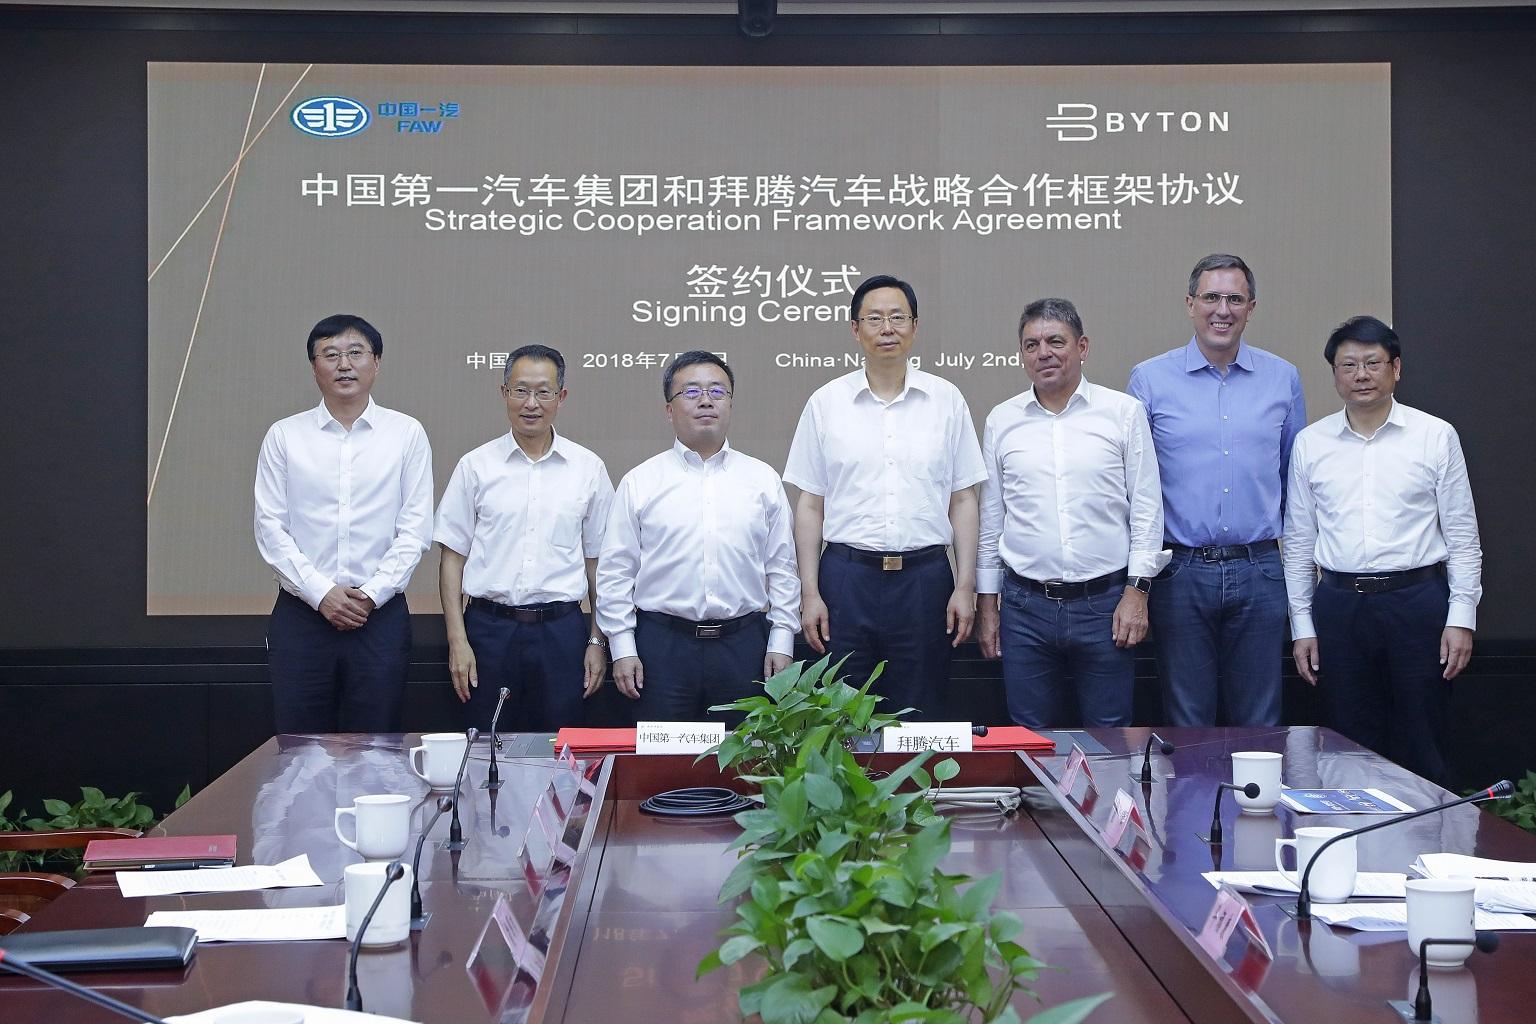 拜腾与中国一汽签署战略合作框架协议 涉及